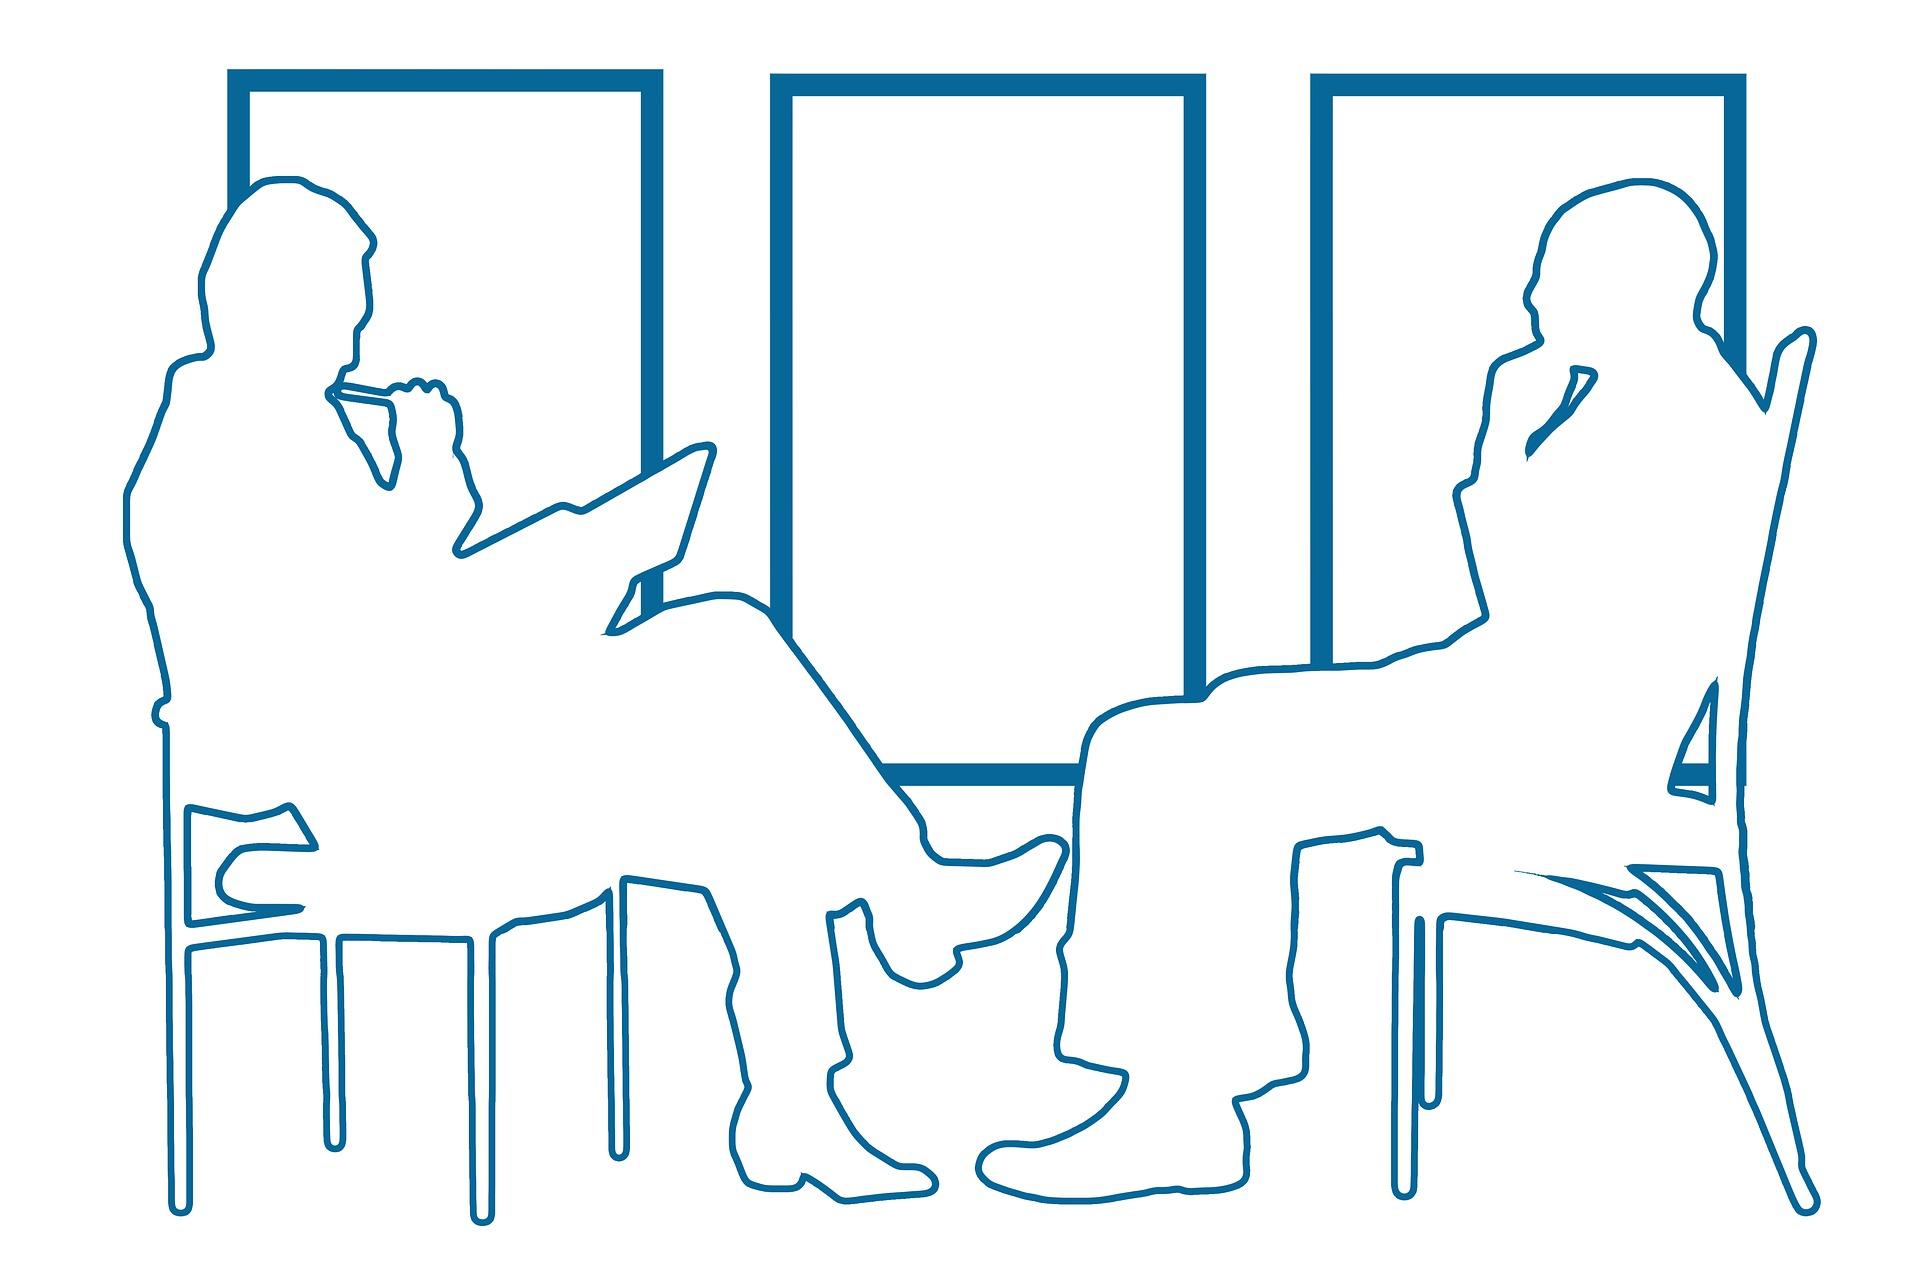 エンジニアの面接を攻略!「失敗談」のネタの選び方と説明の流れイメージ画像